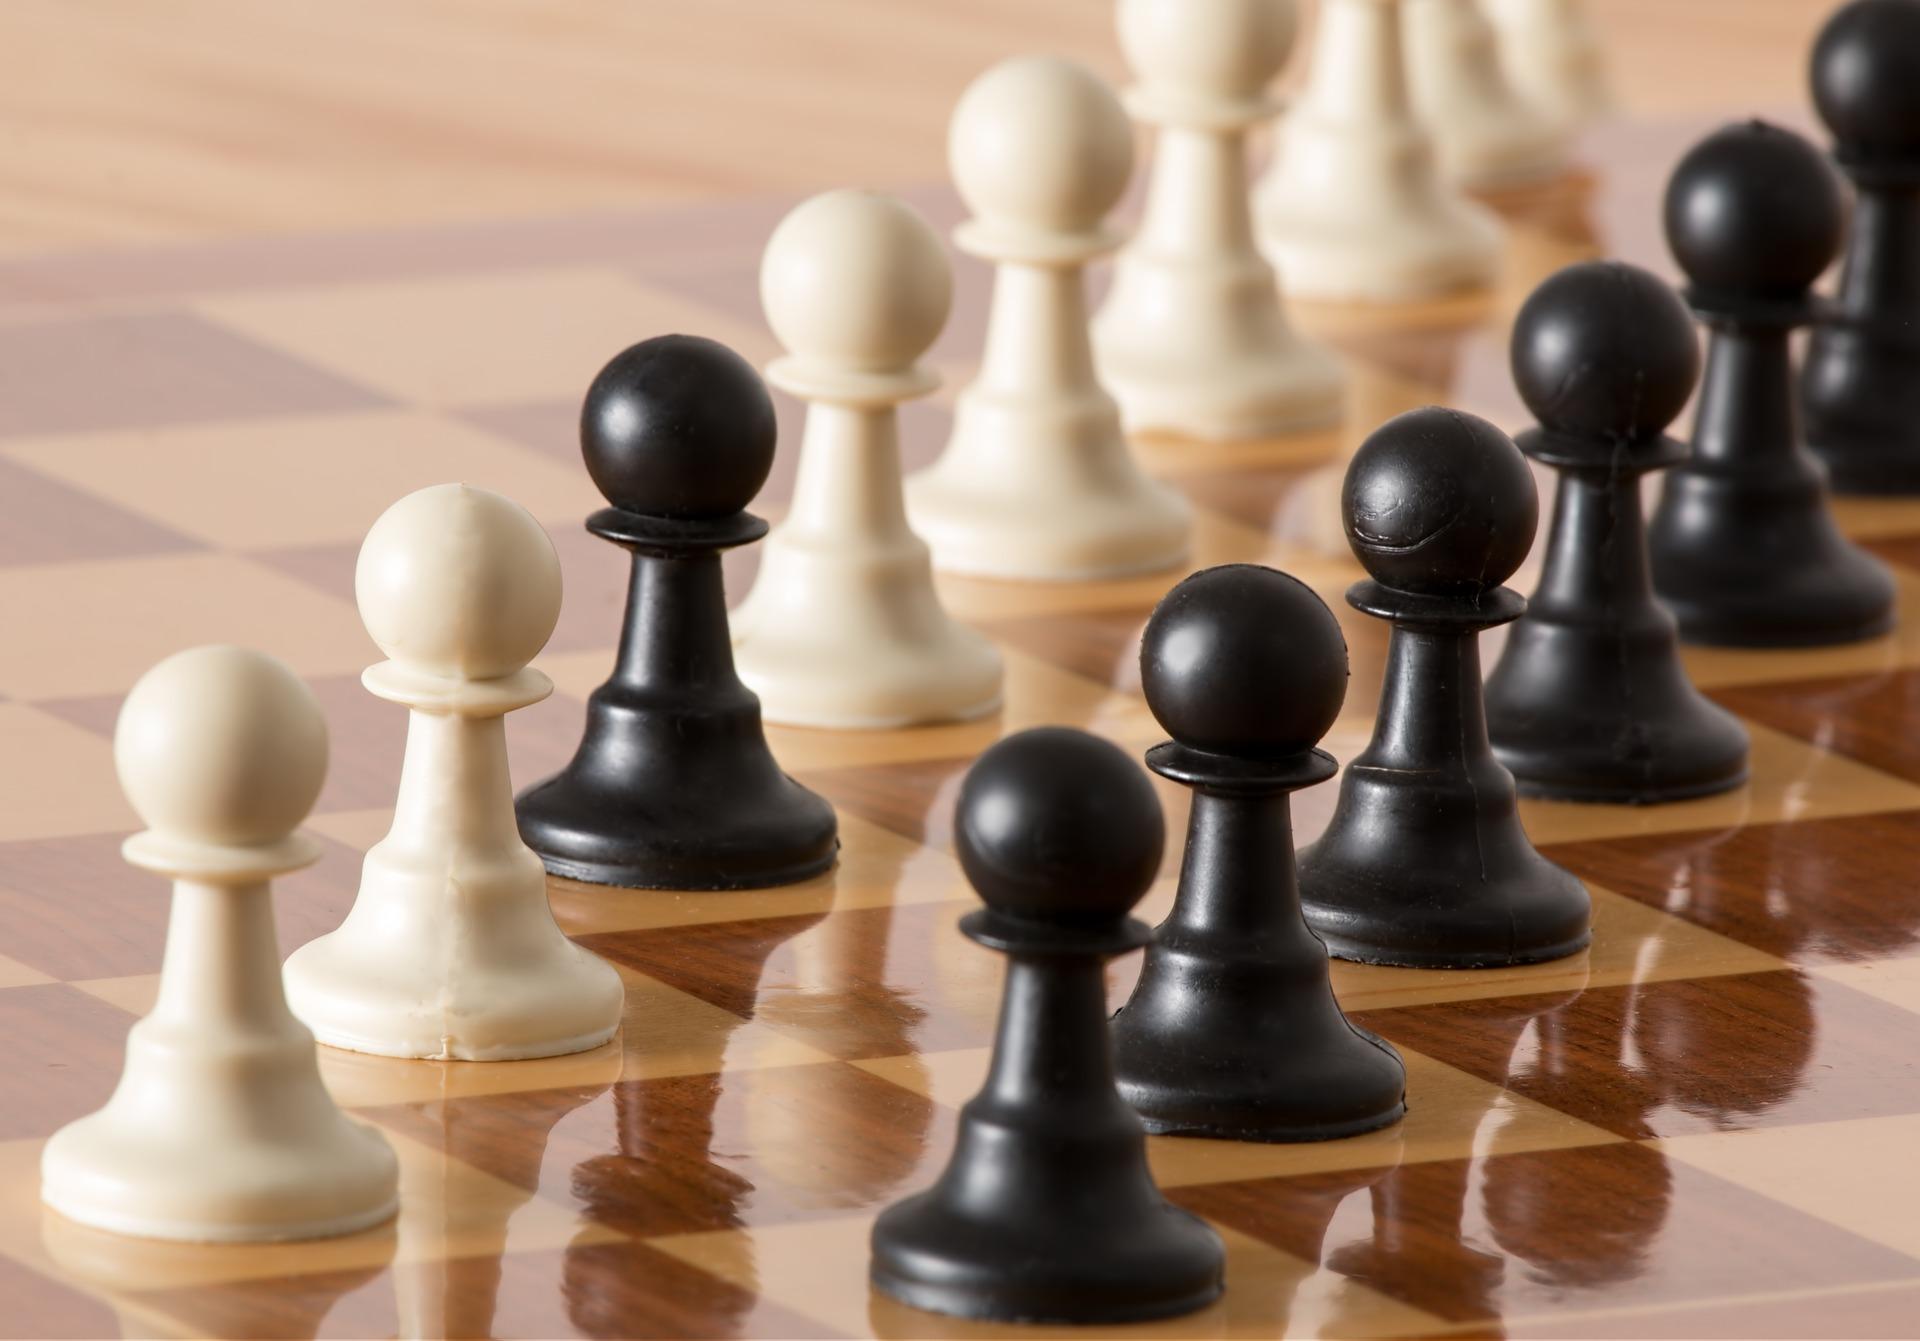 掌握3個關鍵,領導團隊邁向卓越【胡修遠專欄】